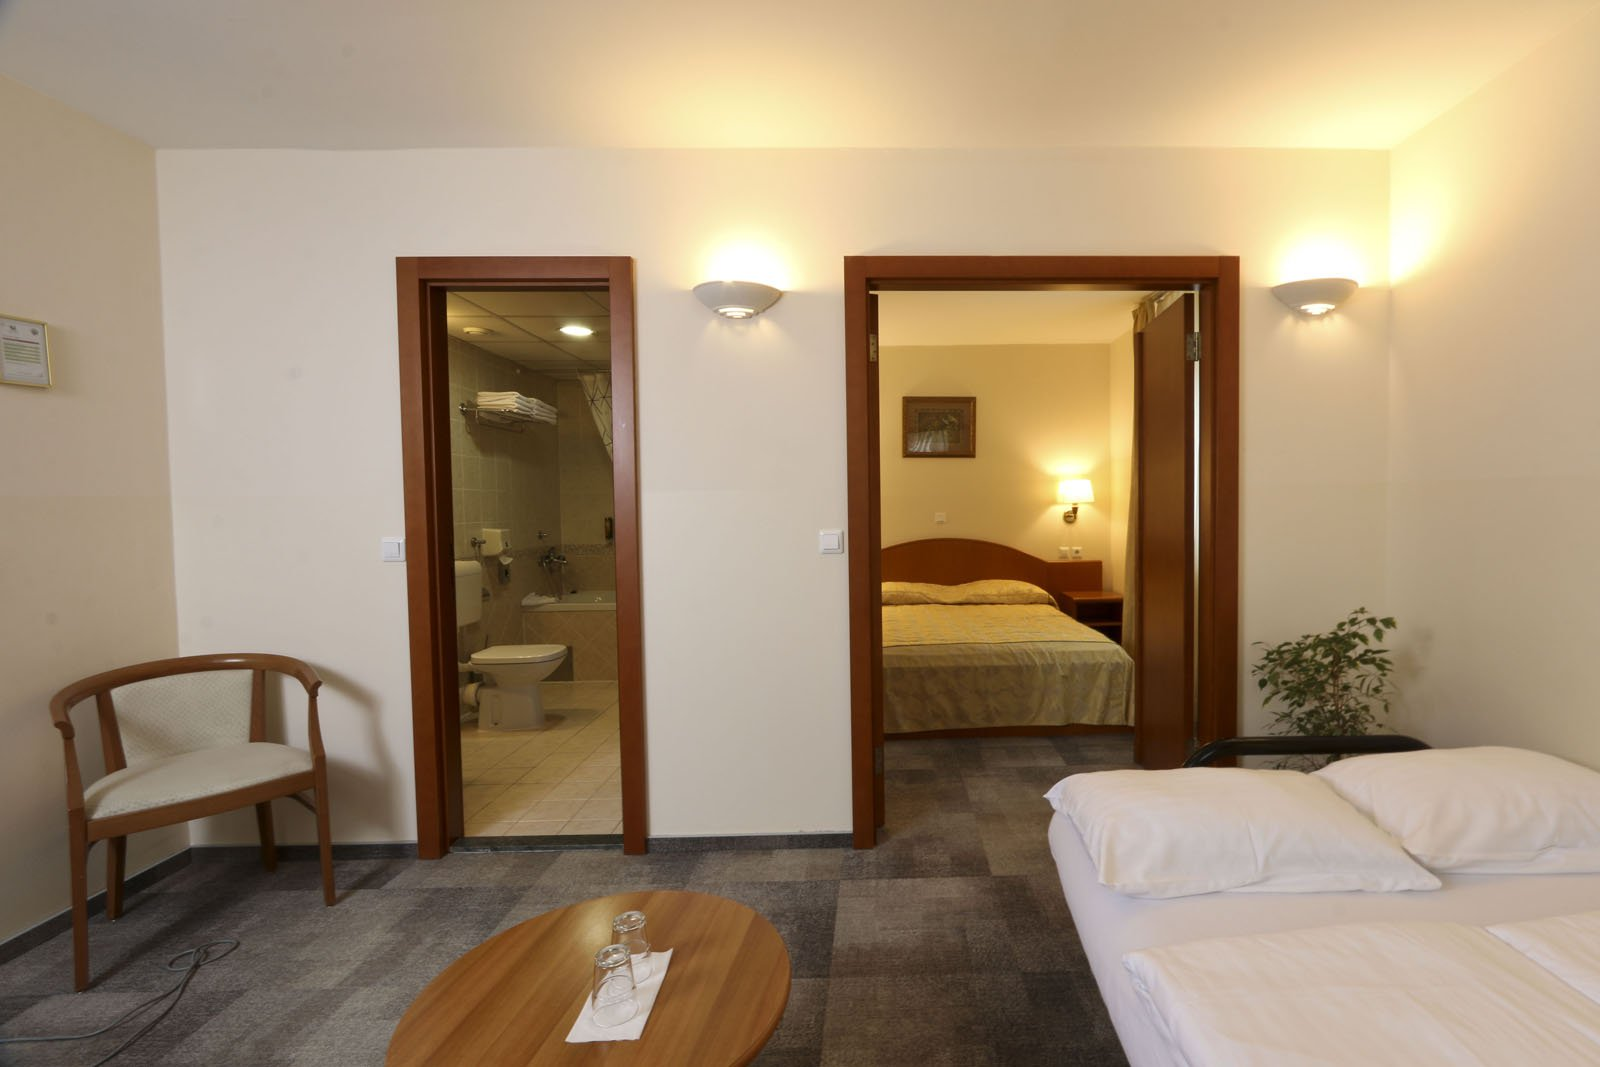 Mantova_hotelIMG_6721